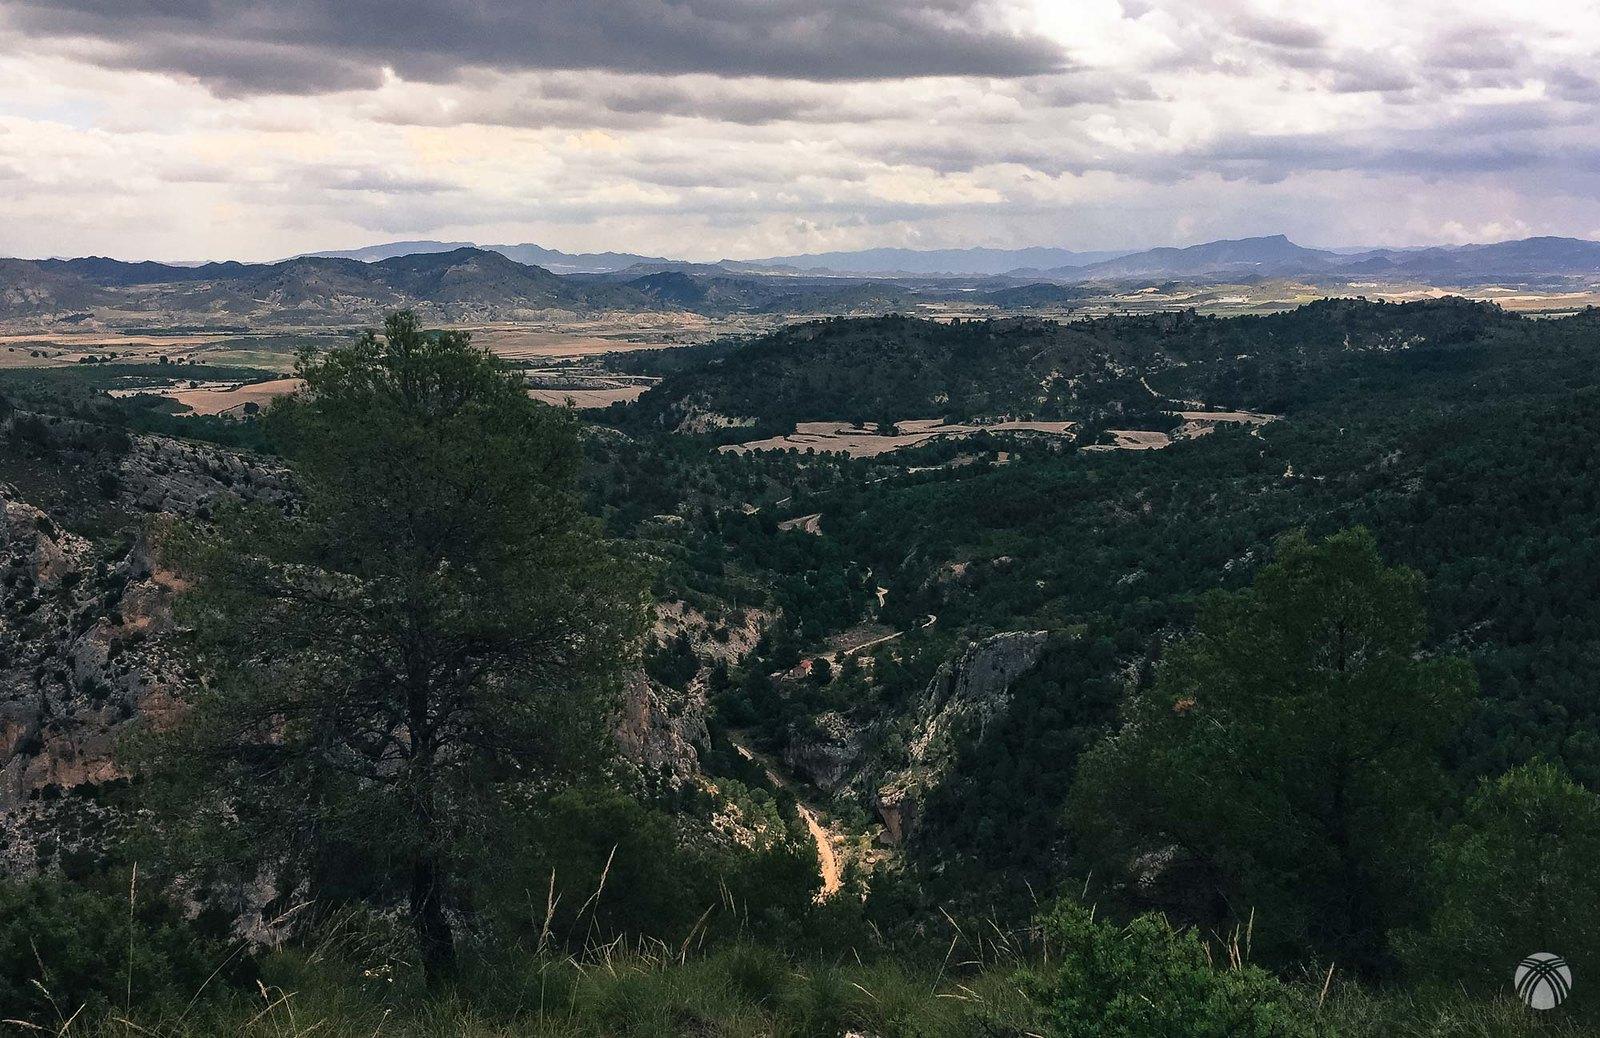 Cañón del Río Luchena desde la cara este del cerro de los Machos